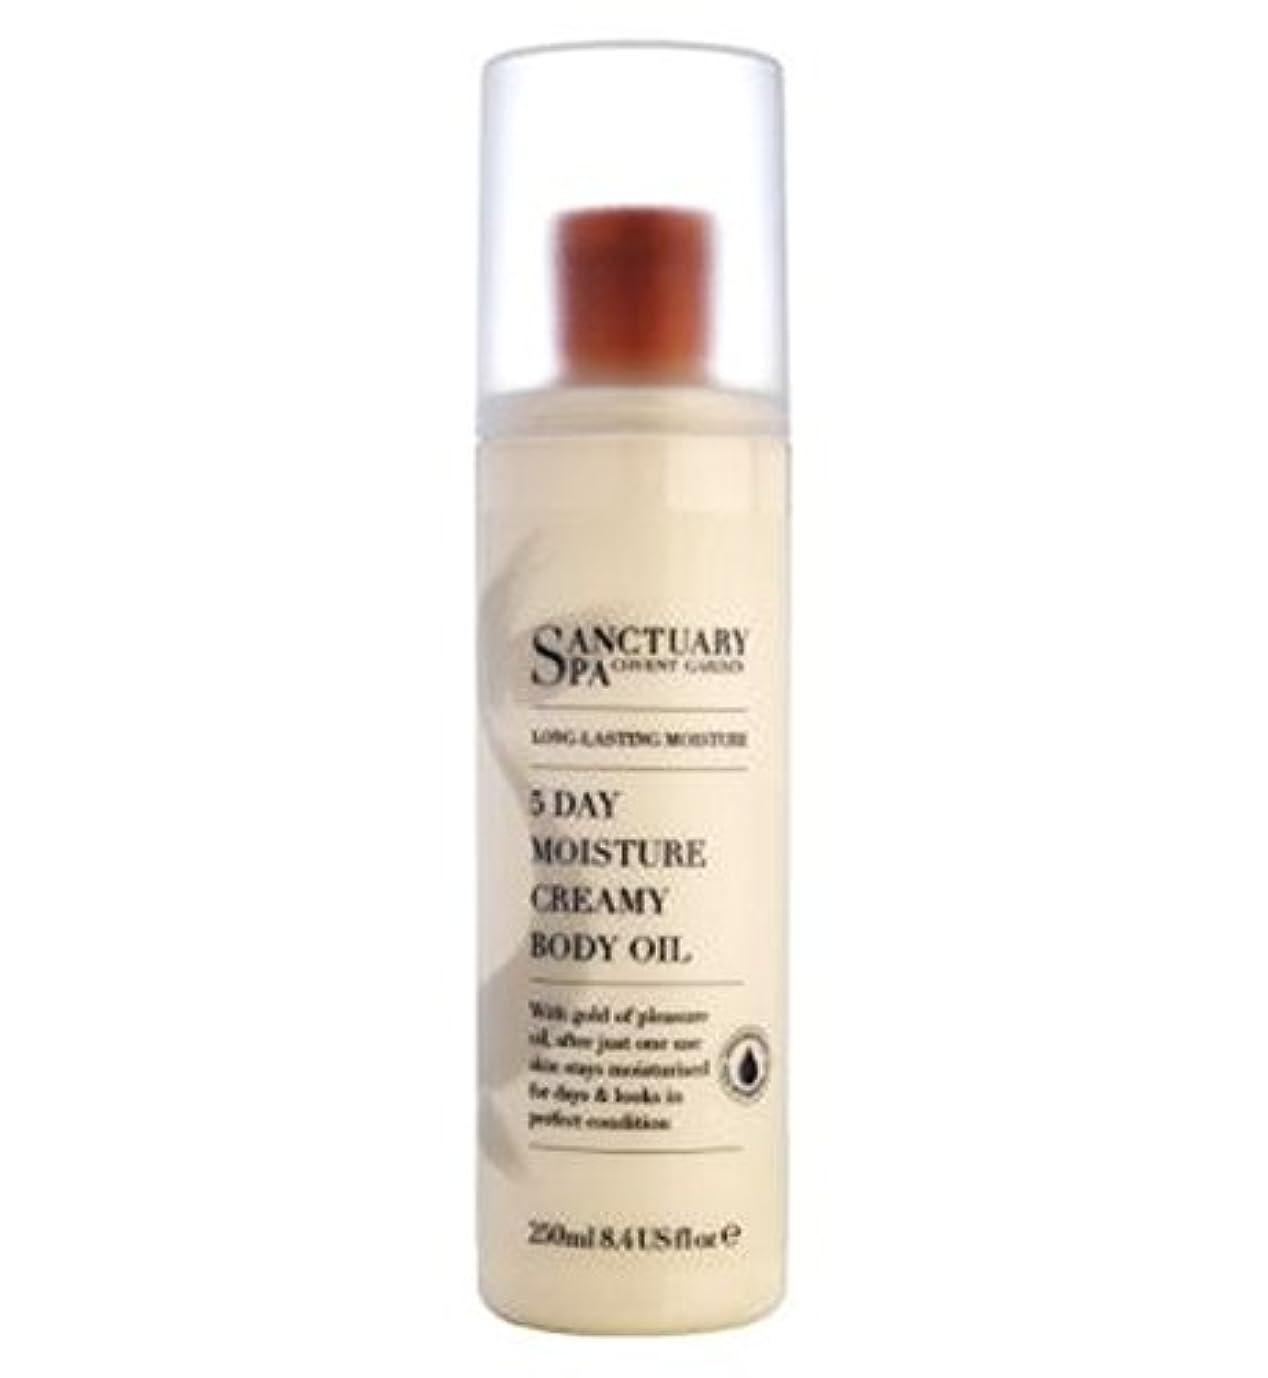 矢印コジオスコテロ聖域長期的な水分5日間の水分クリーミーボディオイル250ミリリットル (Sanctuary) (x2) - Sanctuary Long Lasting Moisture 5 Day Moisture Creamy Body Oil 250ml (Pack of 2) [並行輸入品]